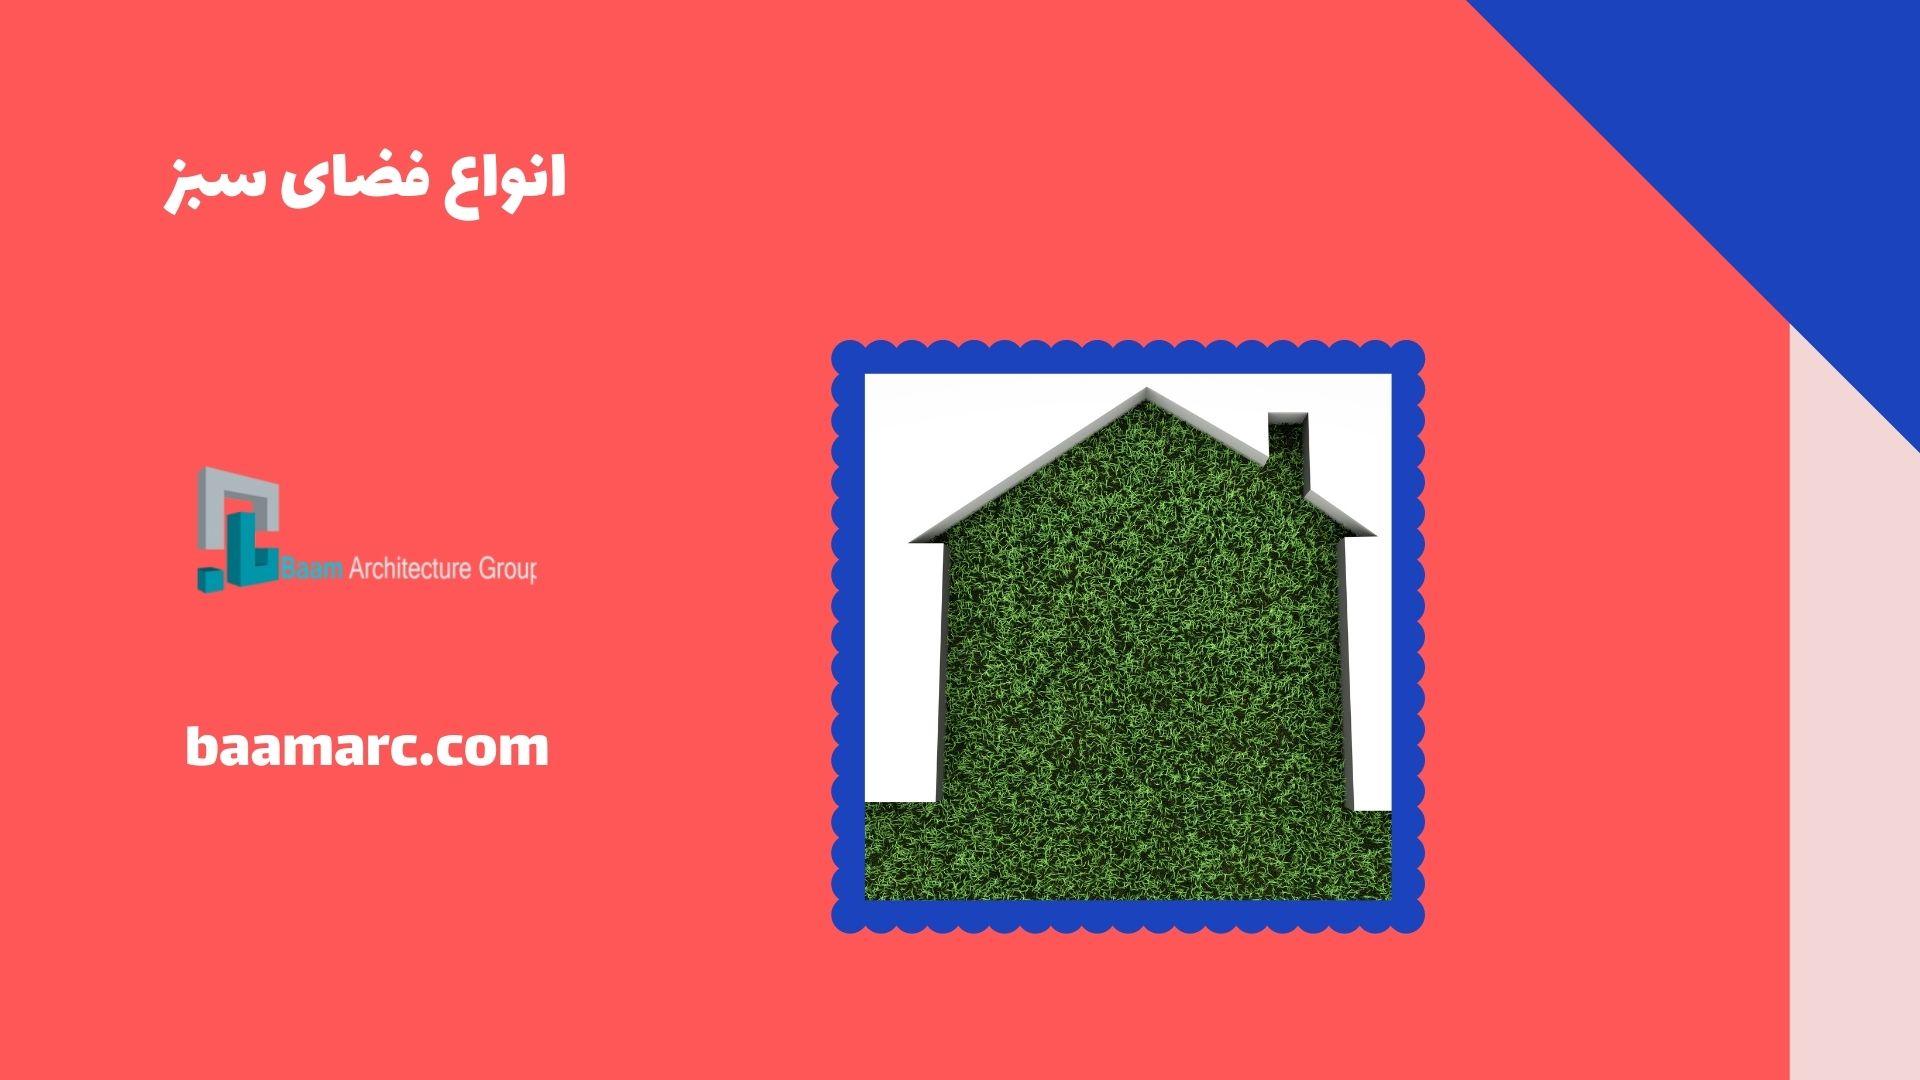 انواع فضای سبز